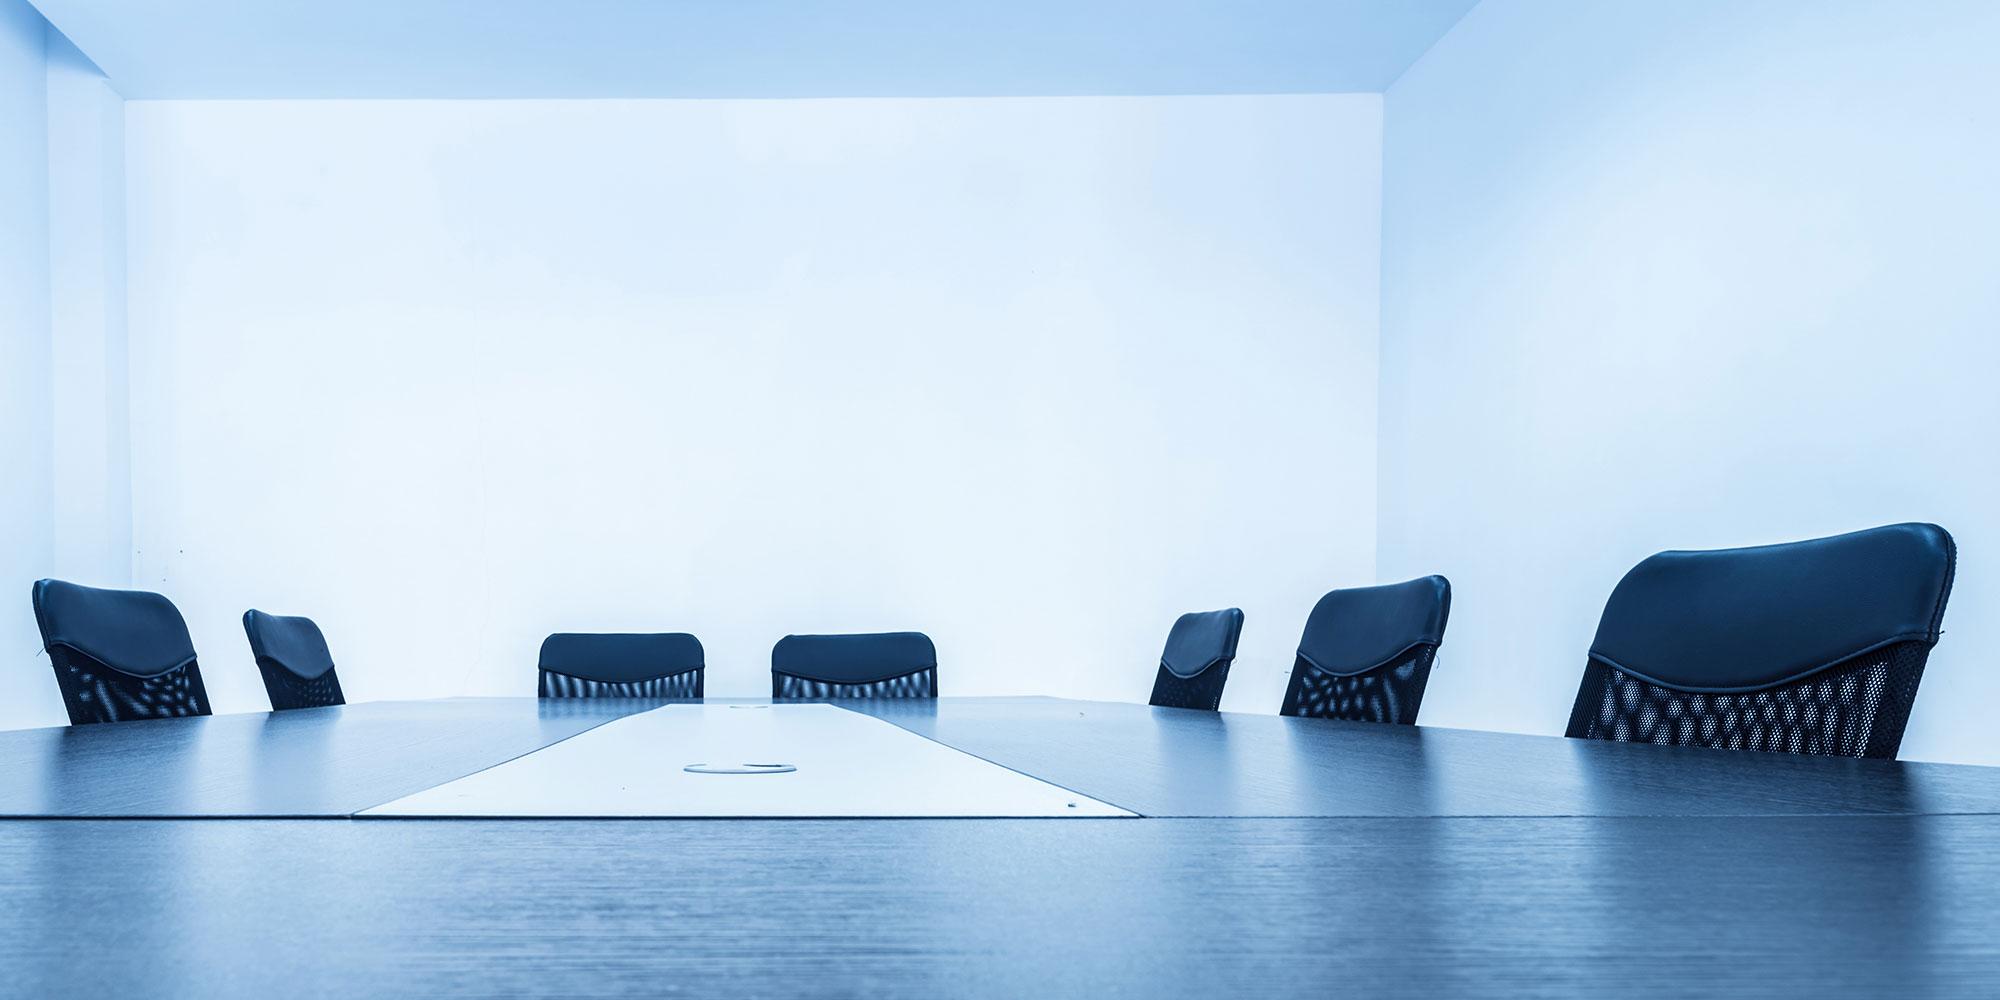 τραπέζι συνεδριάσεων, εικόνα της σελίδας για ασφαλίσεις επιχειρήσεων από τη generali